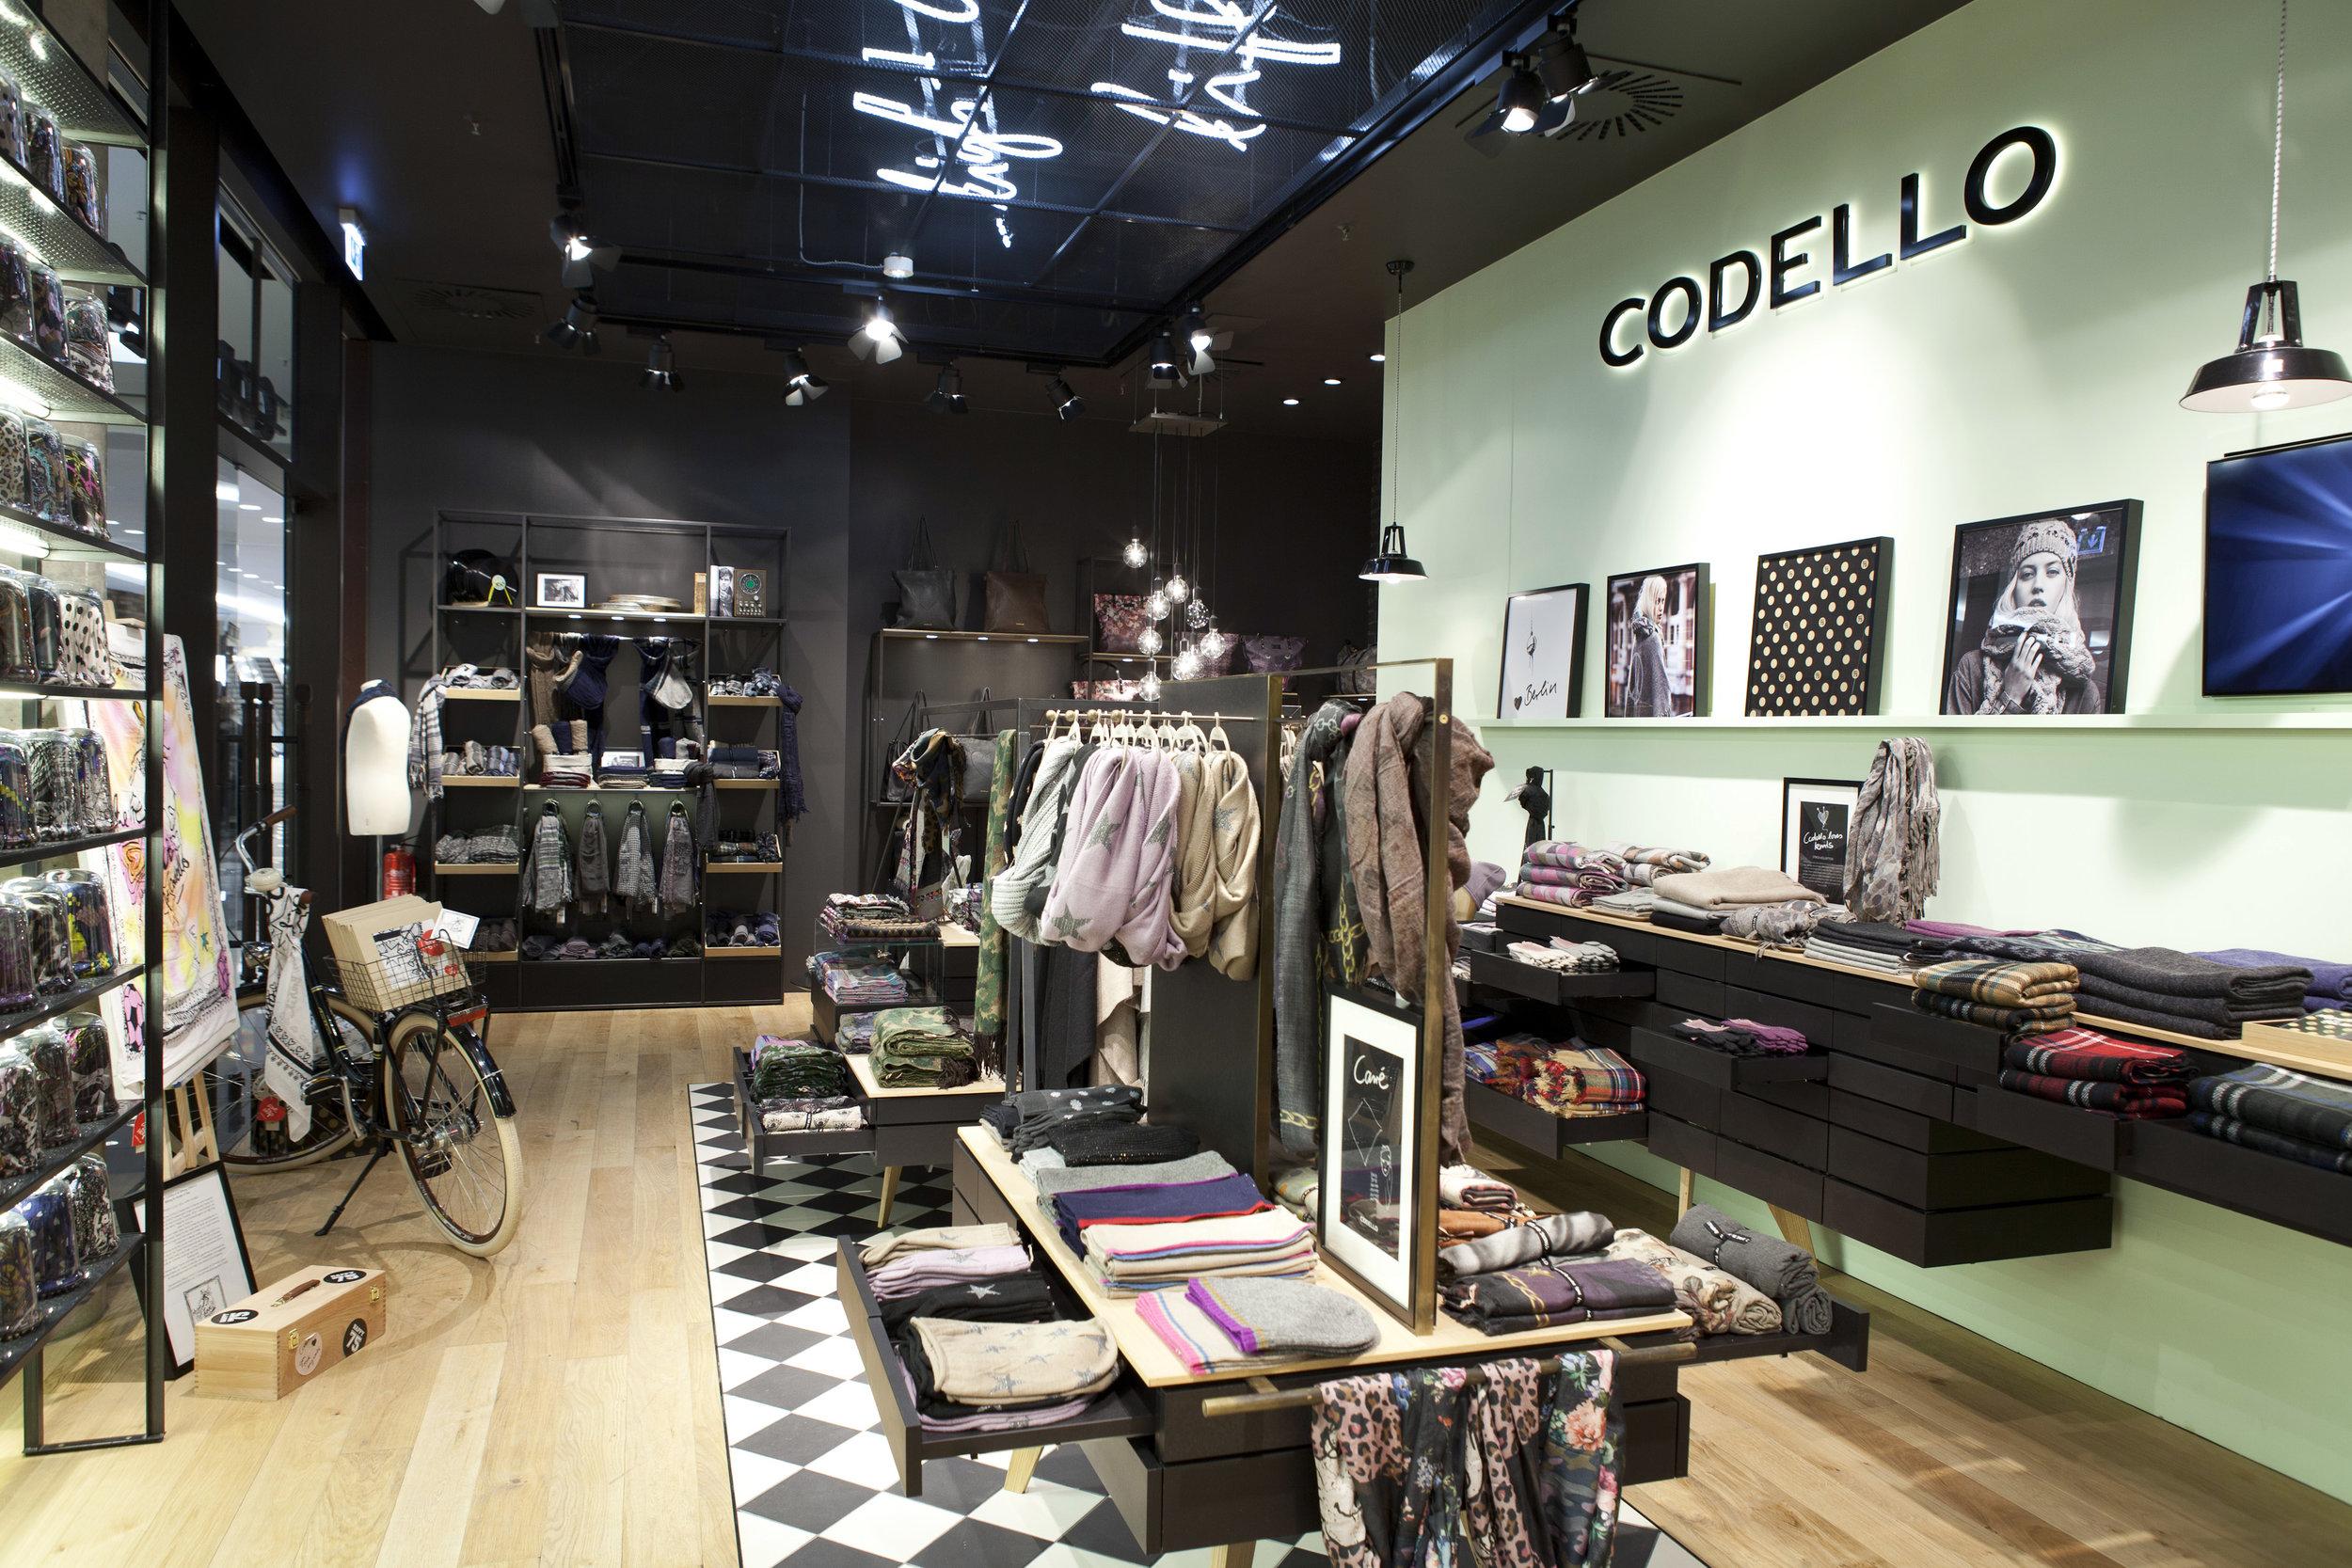 Philipp Moeller-Shopdesign-Ladenarchitektur-Markenarchitektur-Codello2.jpg